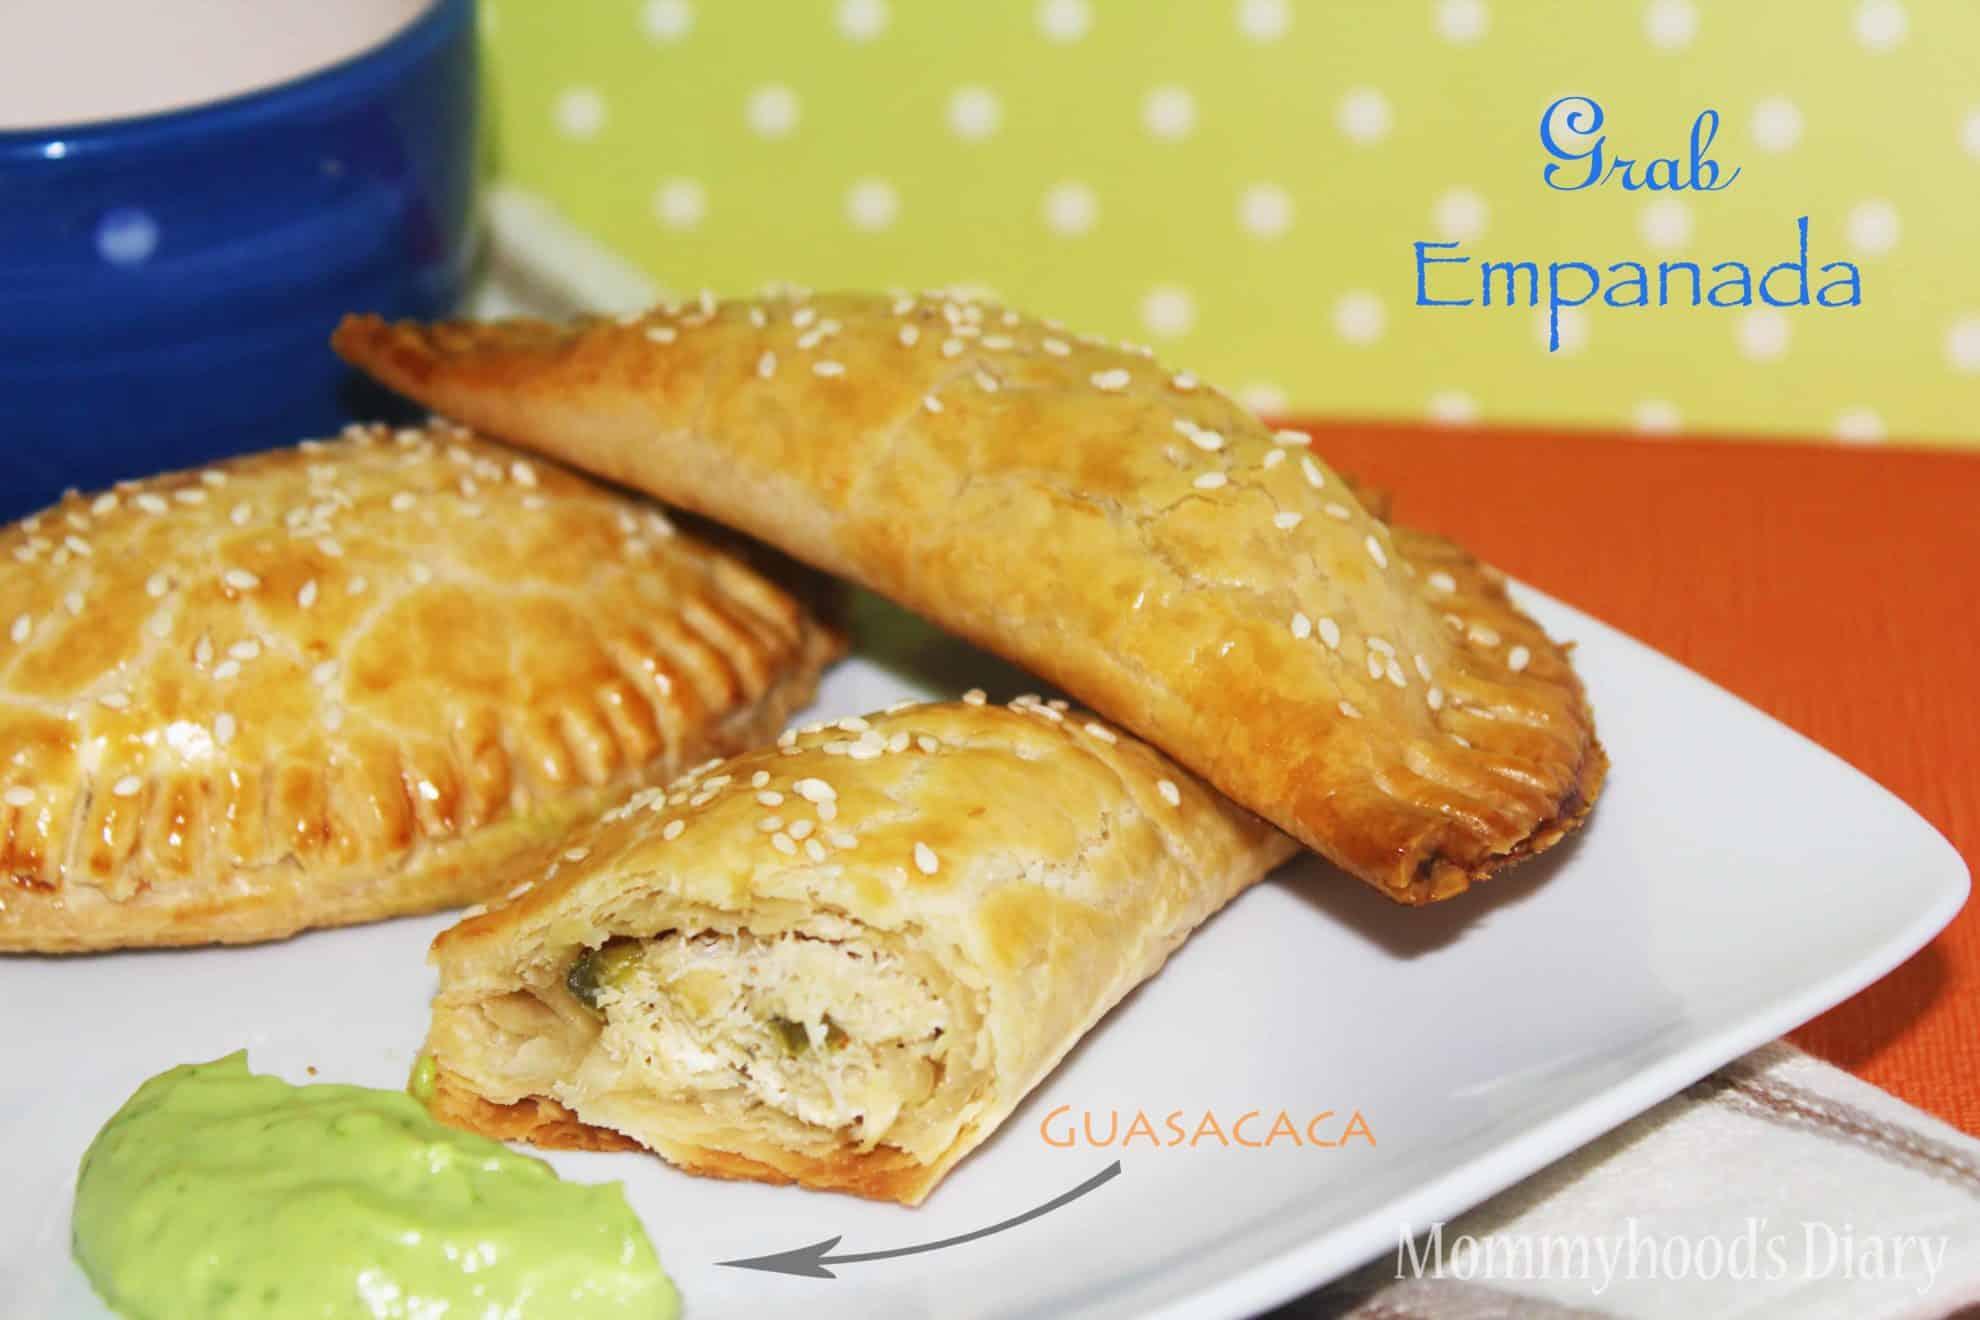 Crab Empanadas